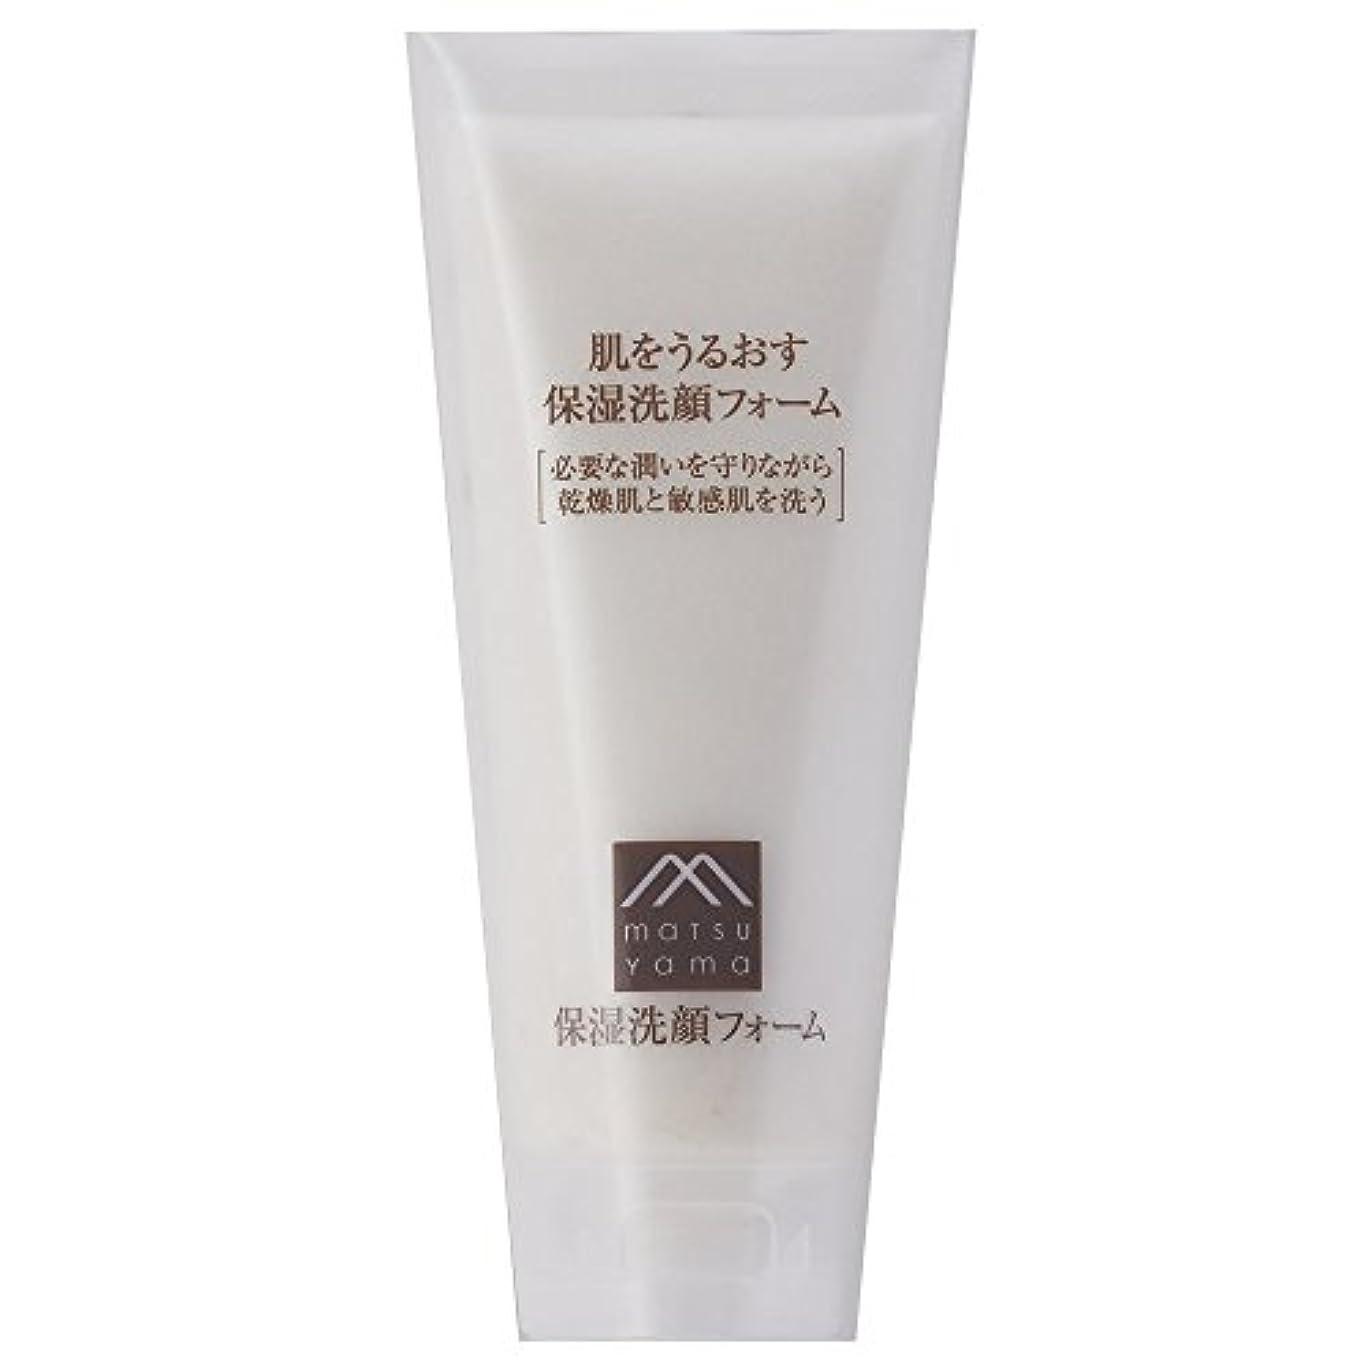 守るラボ思われる肌をうるおす保湿洗顔フォーム(洗顔料) [乾燥肌 敏感肌]